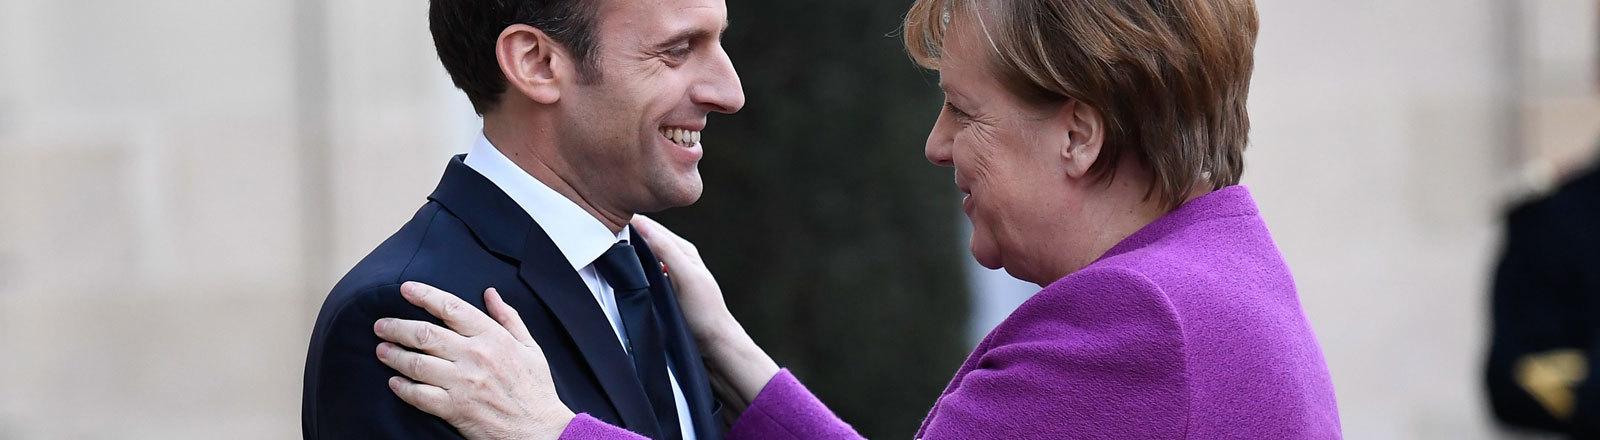 Treffen Bundeskanzlerin Angela Merkel mit französischem Präsidenten Emmanuel Macron in Paris 16.03.2018 nach Merkels Wiederwahl.